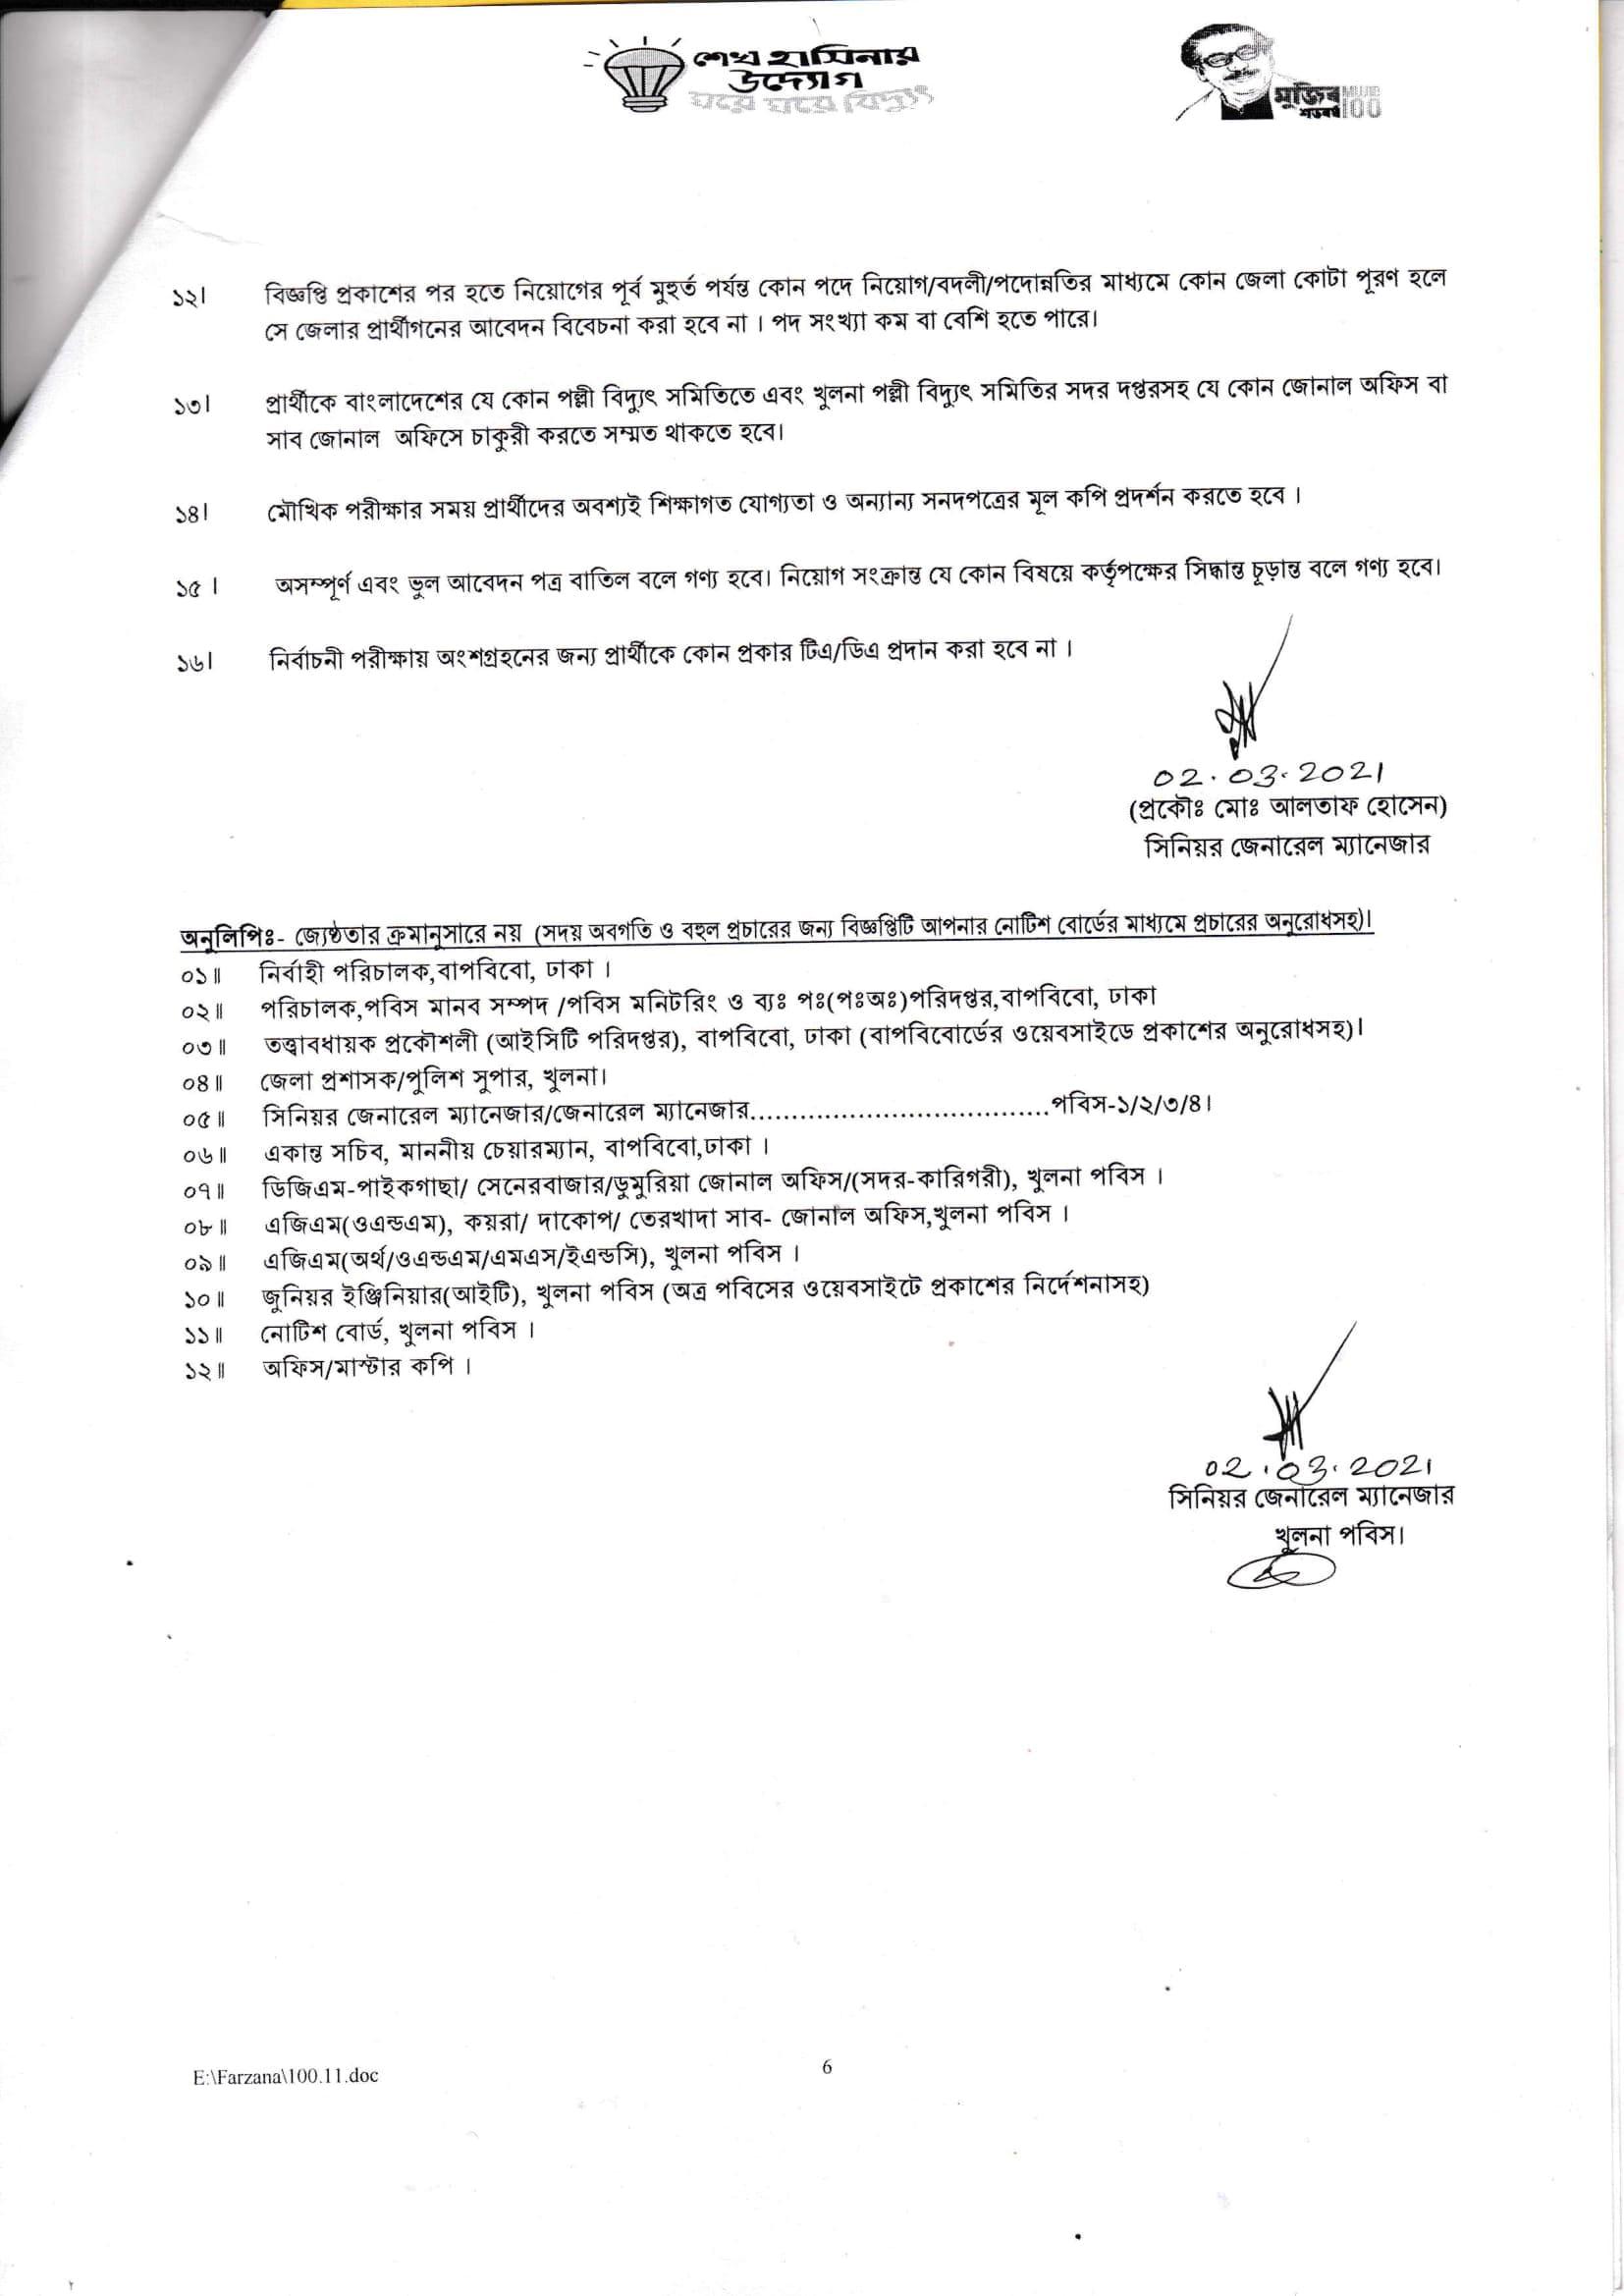 Khulna Palli Bidyut Samity Job Circular 2021